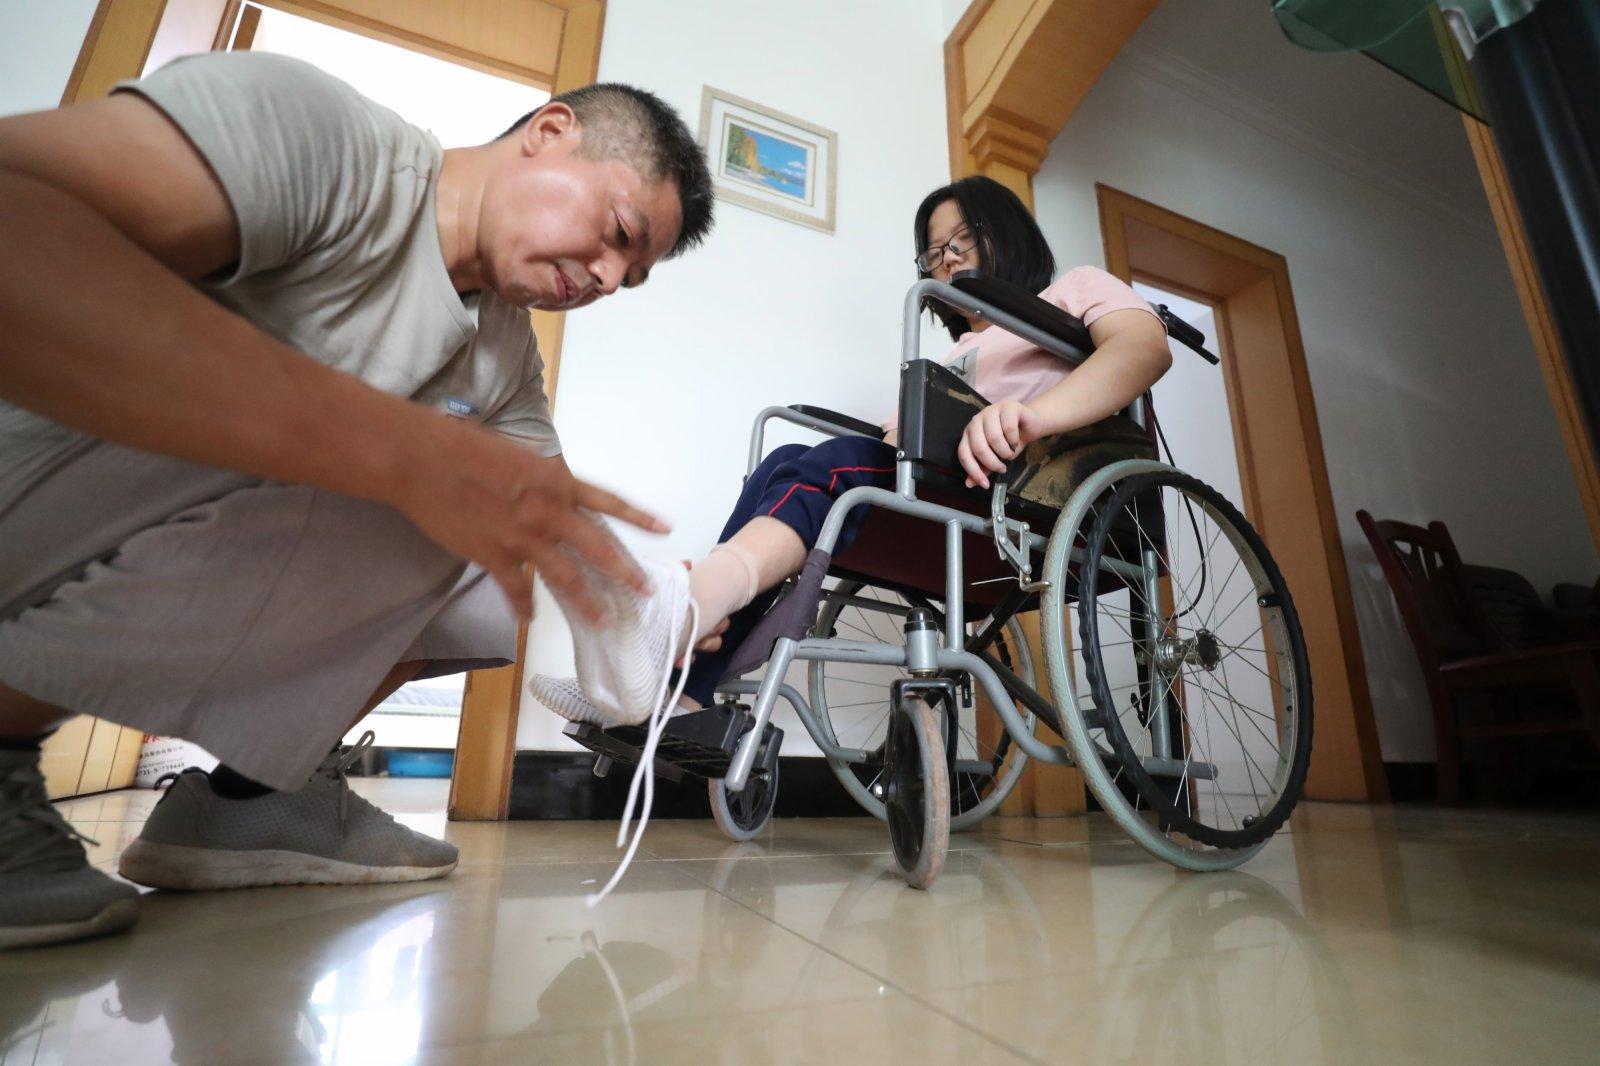 9月1日,謝培軍在家中幫女兒穿好鞋子,準備趕往學校報到。(新華社)